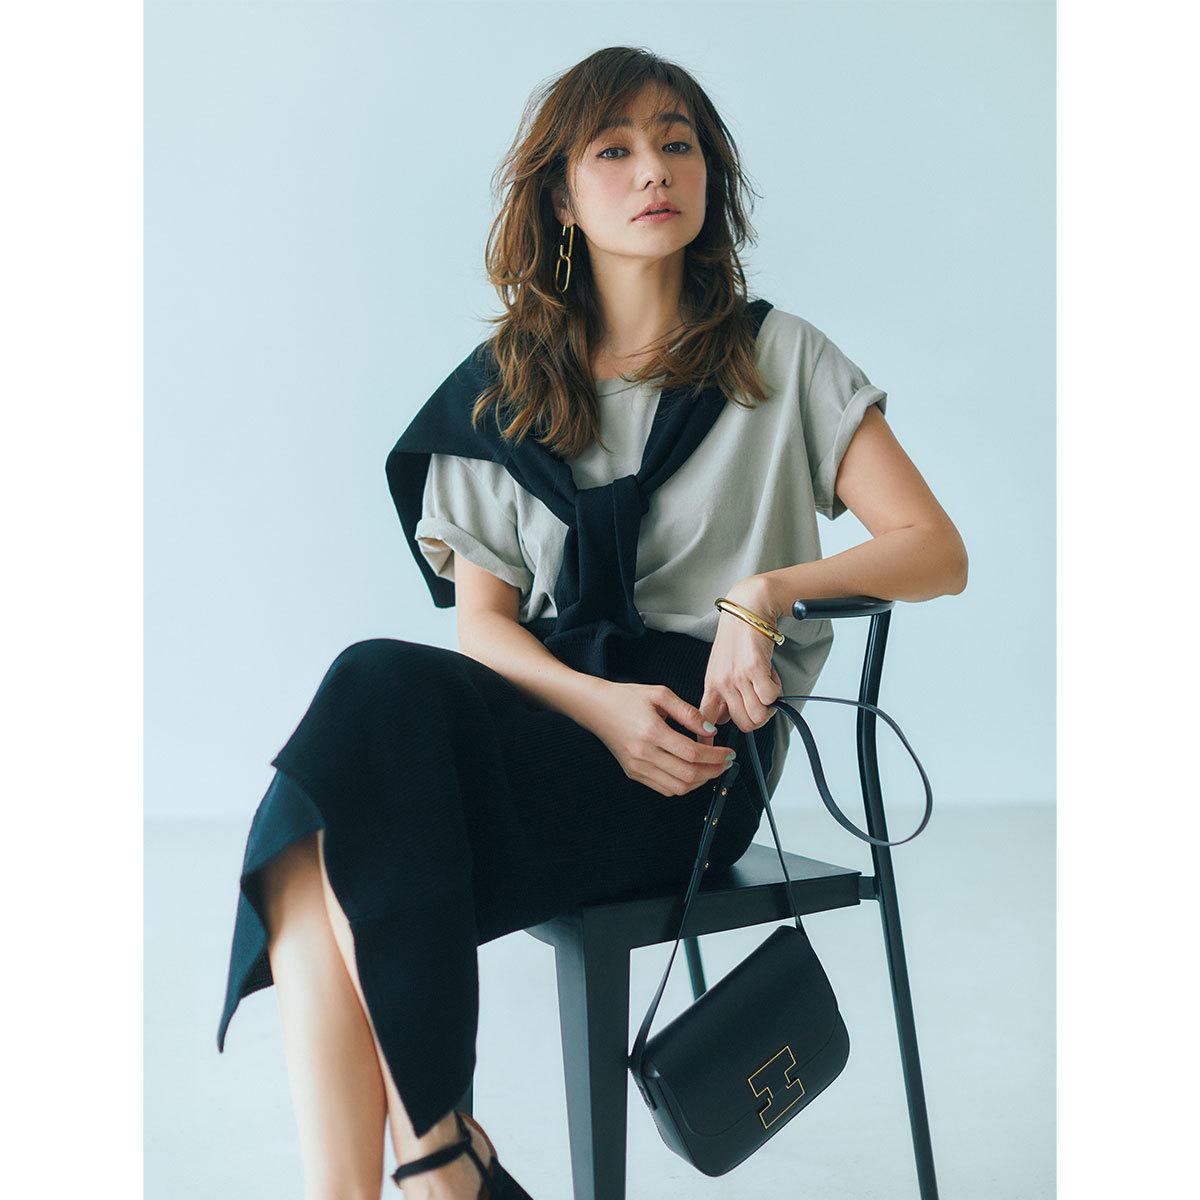 グレージュTシャツ×ミディ丈のタイトスカートのきれいめファッションコーデ